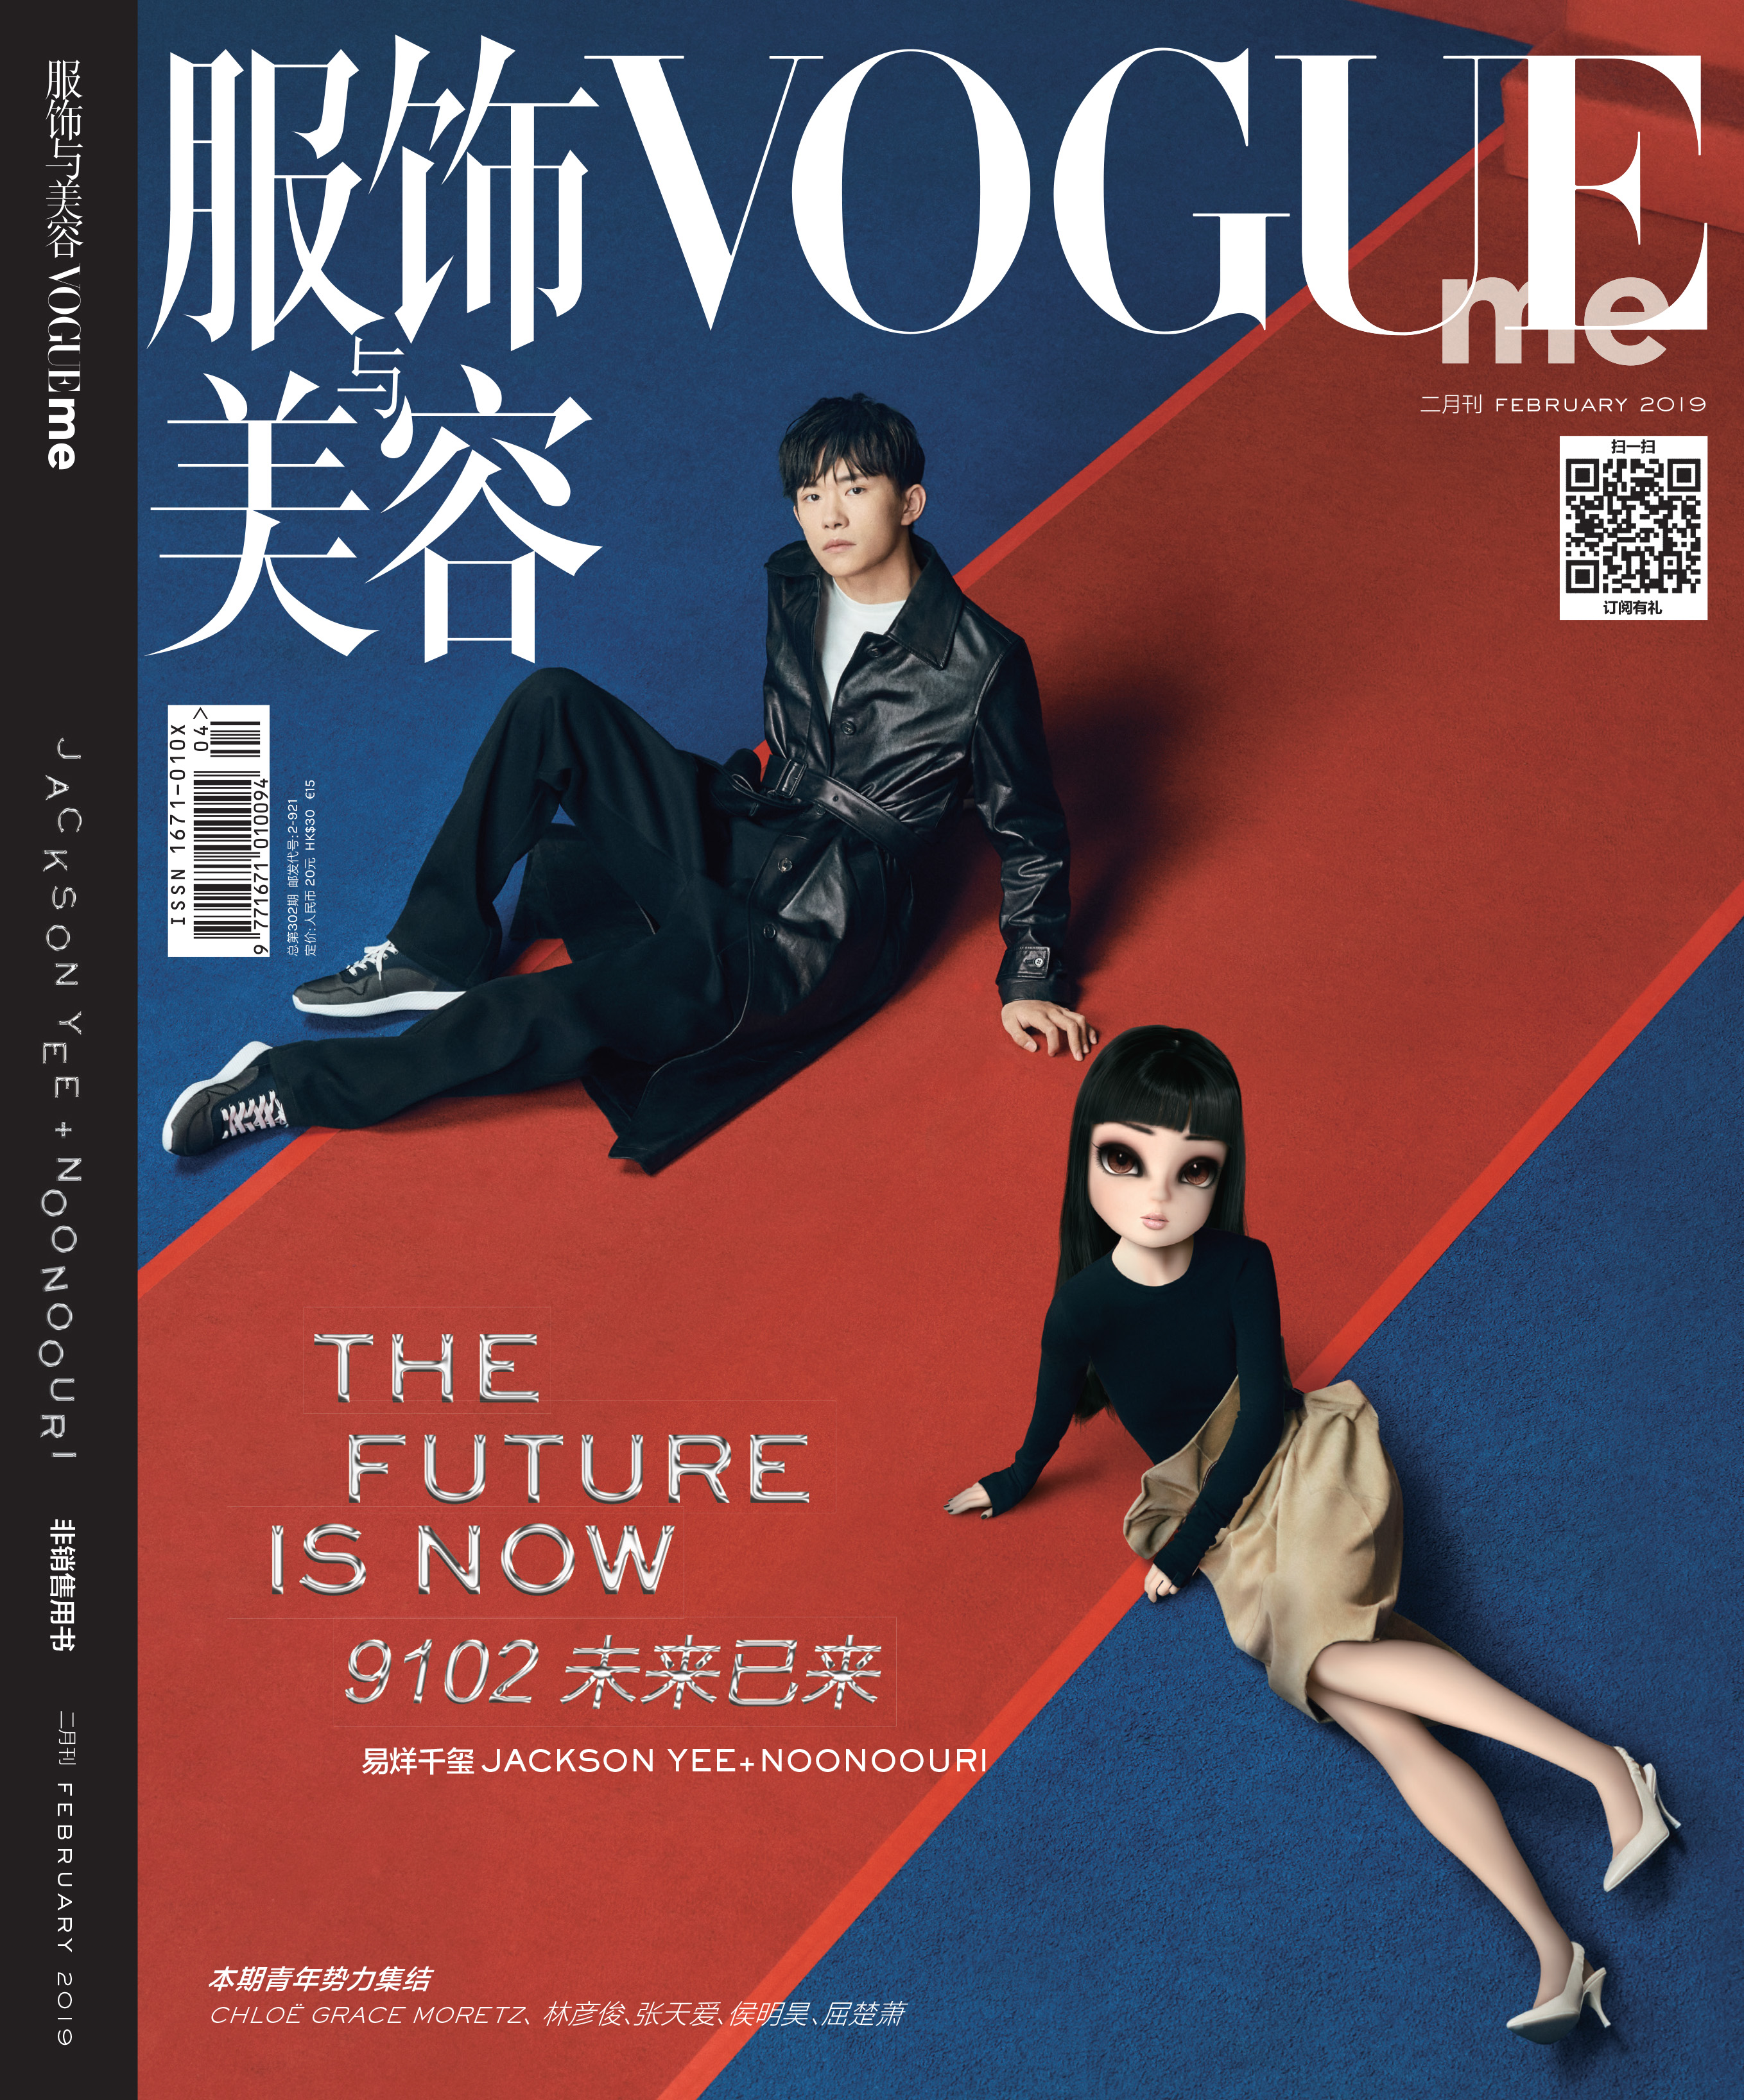 Vogue Me February 2019